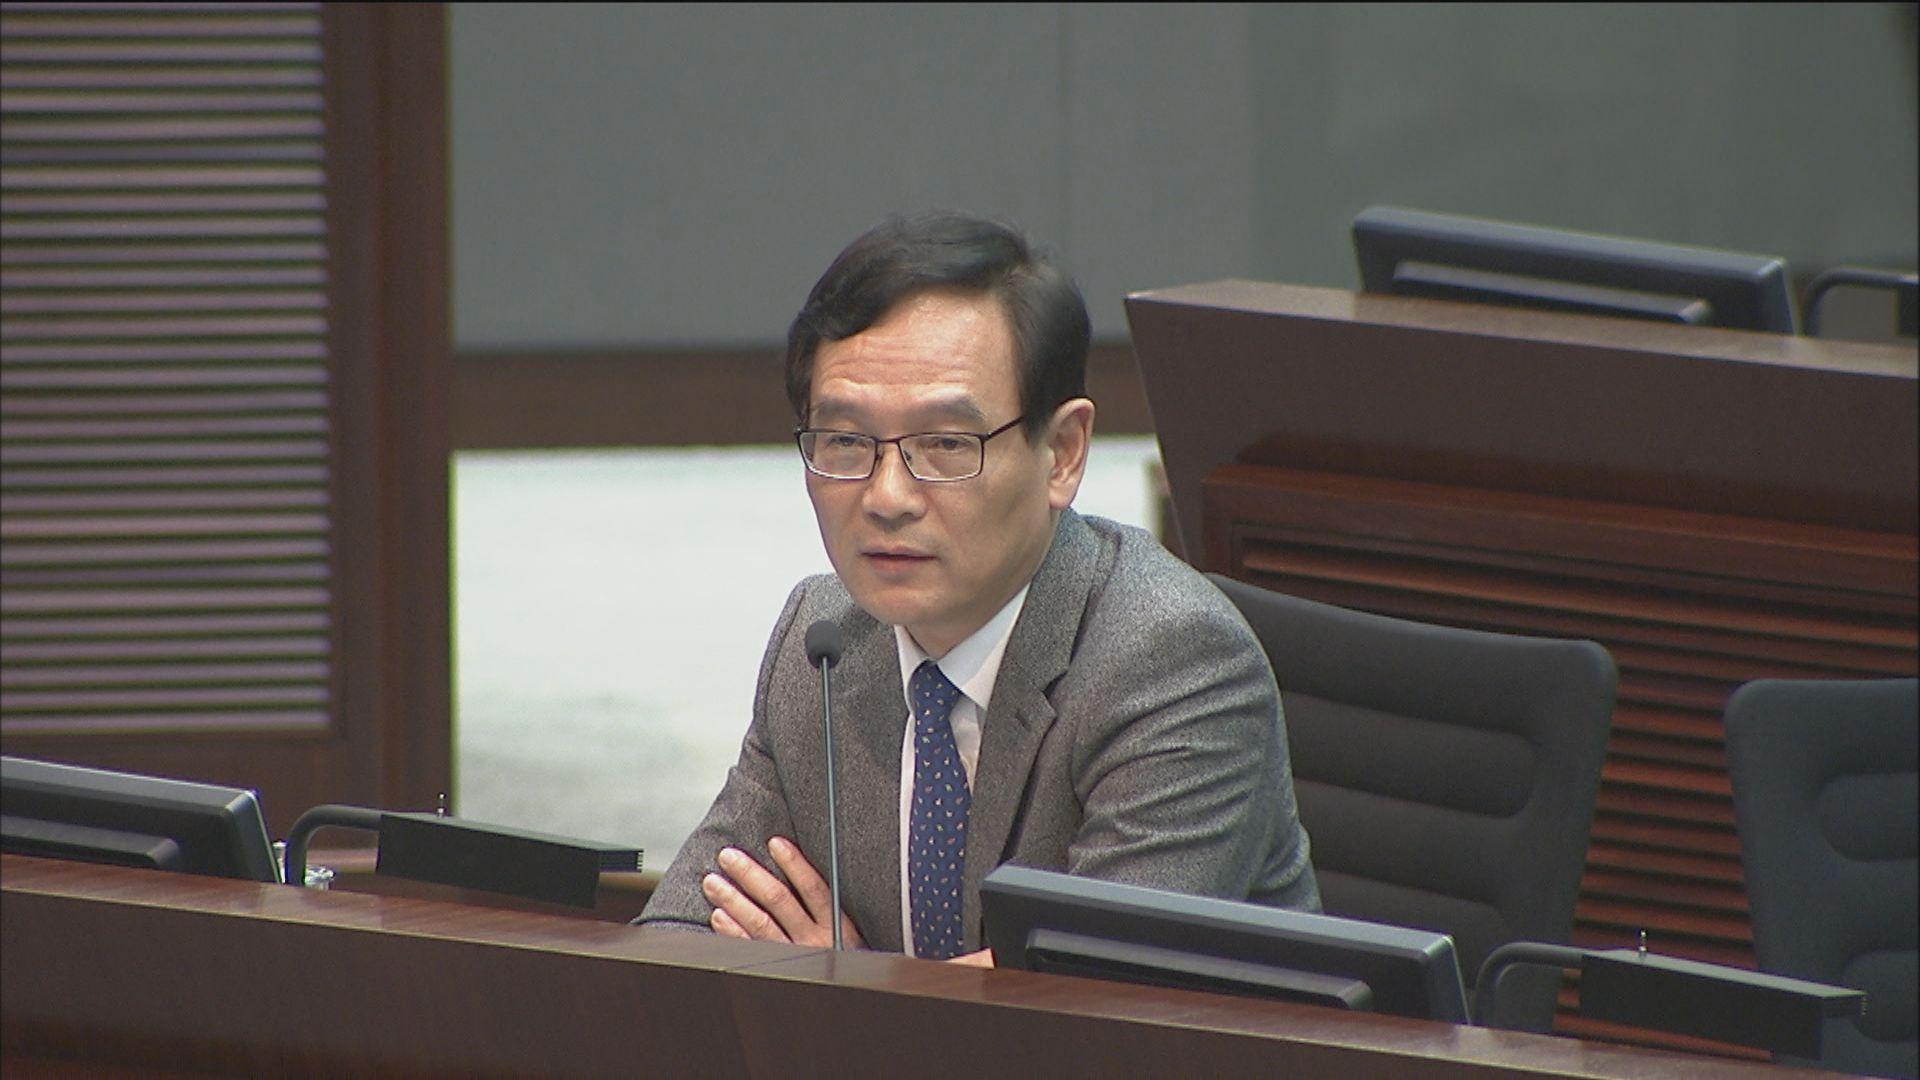 立會否決休會辯論朱凱廸被取消參選資格